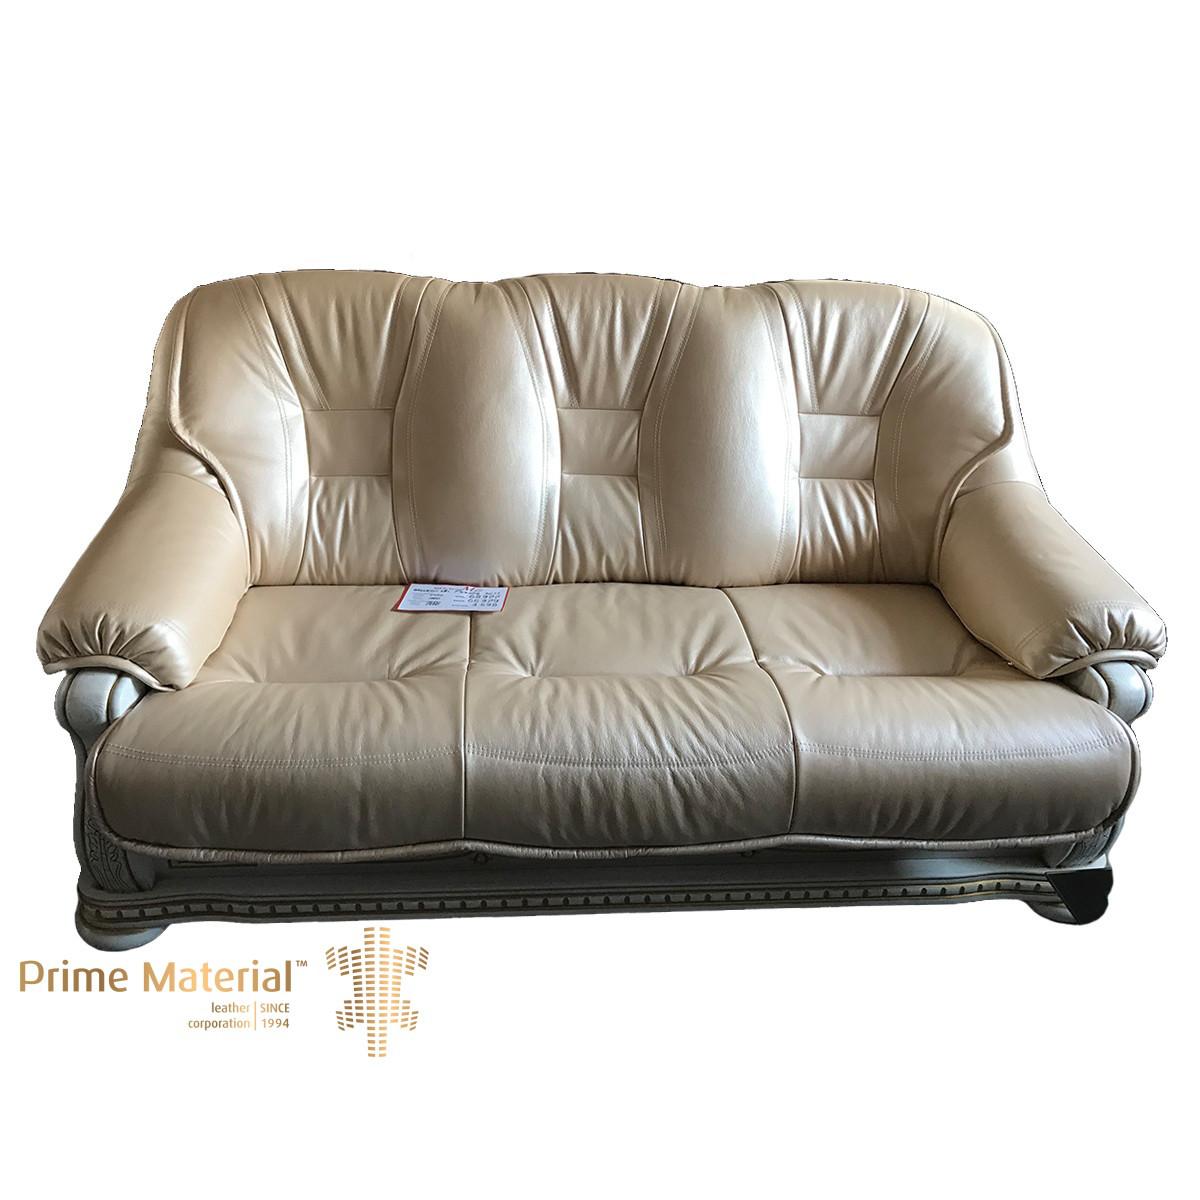 Комплект мягкой мебели Ричард. Трехместный кожаный диван и два кресла - Leather Sofa в Одессе